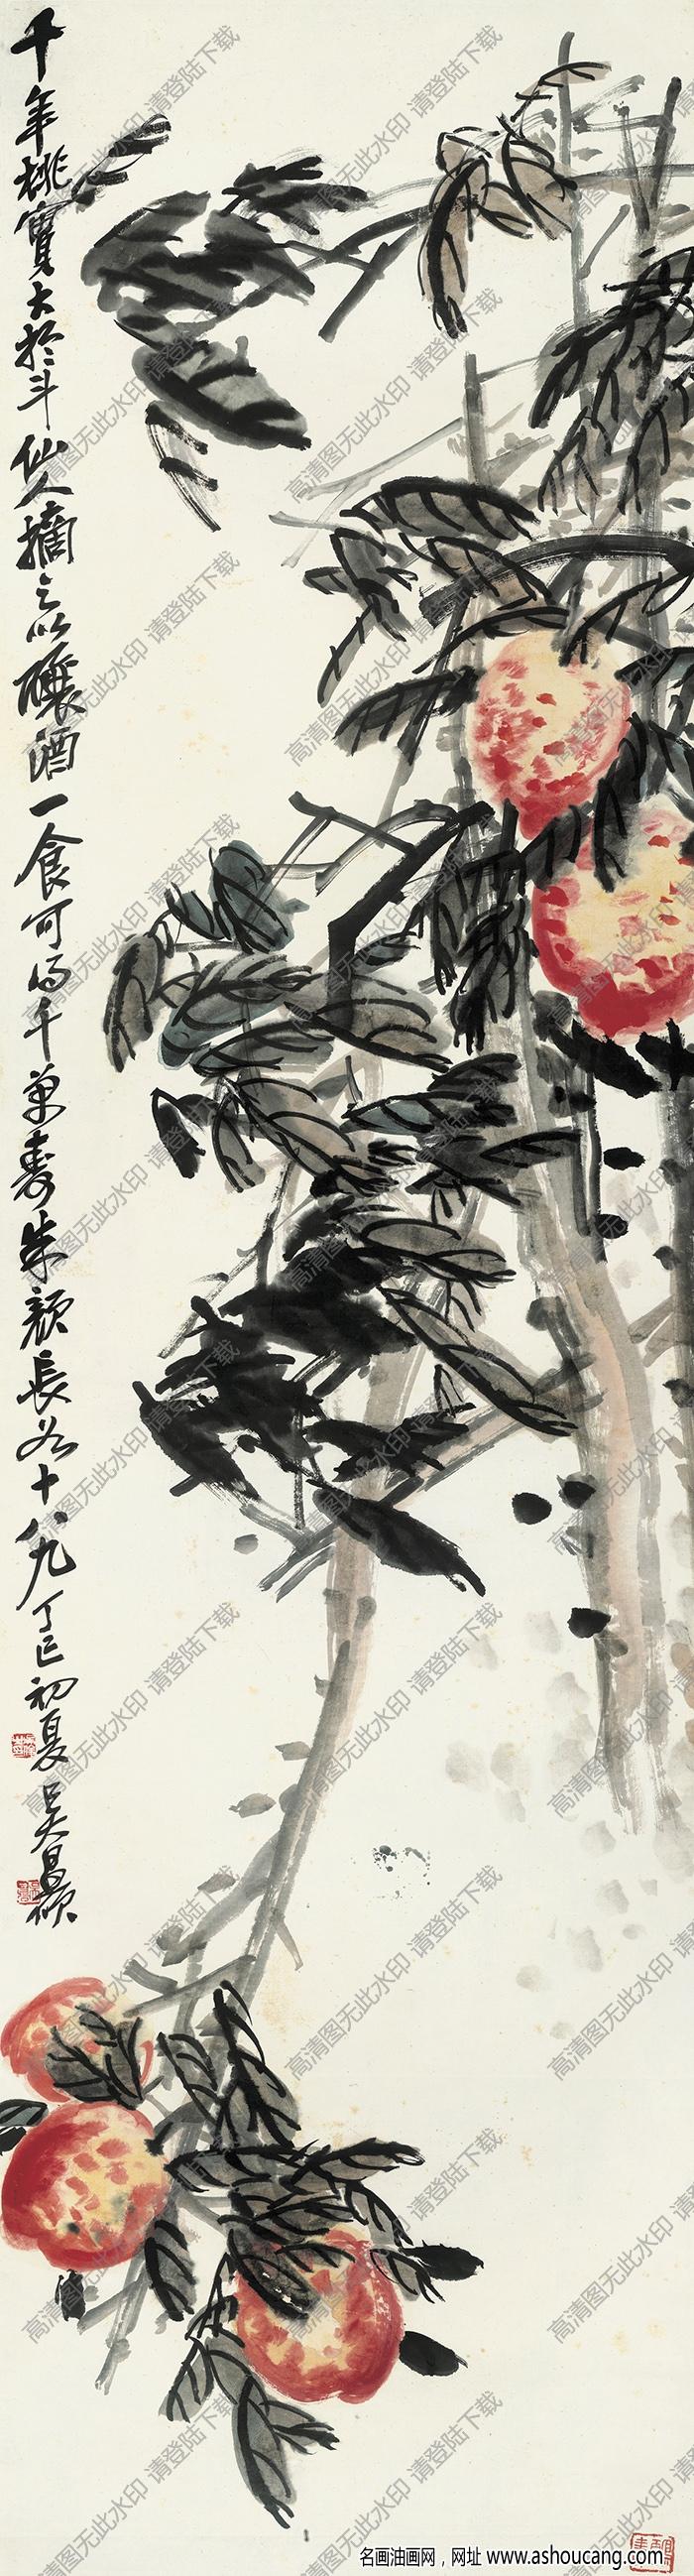 吴昌硕 国画《花卉四条屏之四》高清大图下载